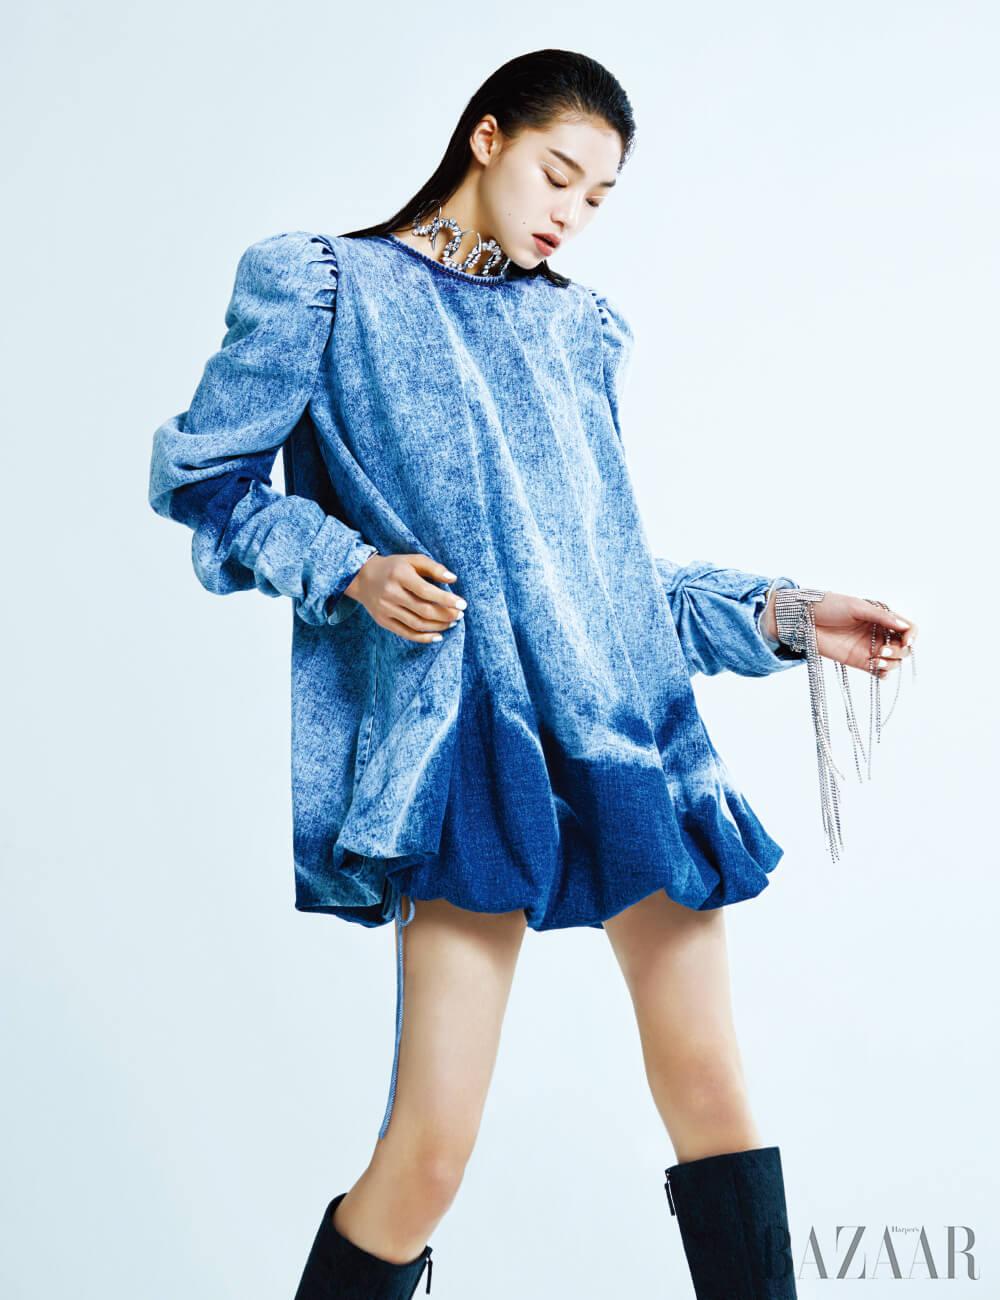 드레스는 80만원대 The Gang, 초커는 3백만원대 Saint Laurent by Anthony Vaccarello, 팔찌로 연출한 크리스털 목걸이는 5백만원 Gucci, 부츠는 가격 미정 Balenciaga.